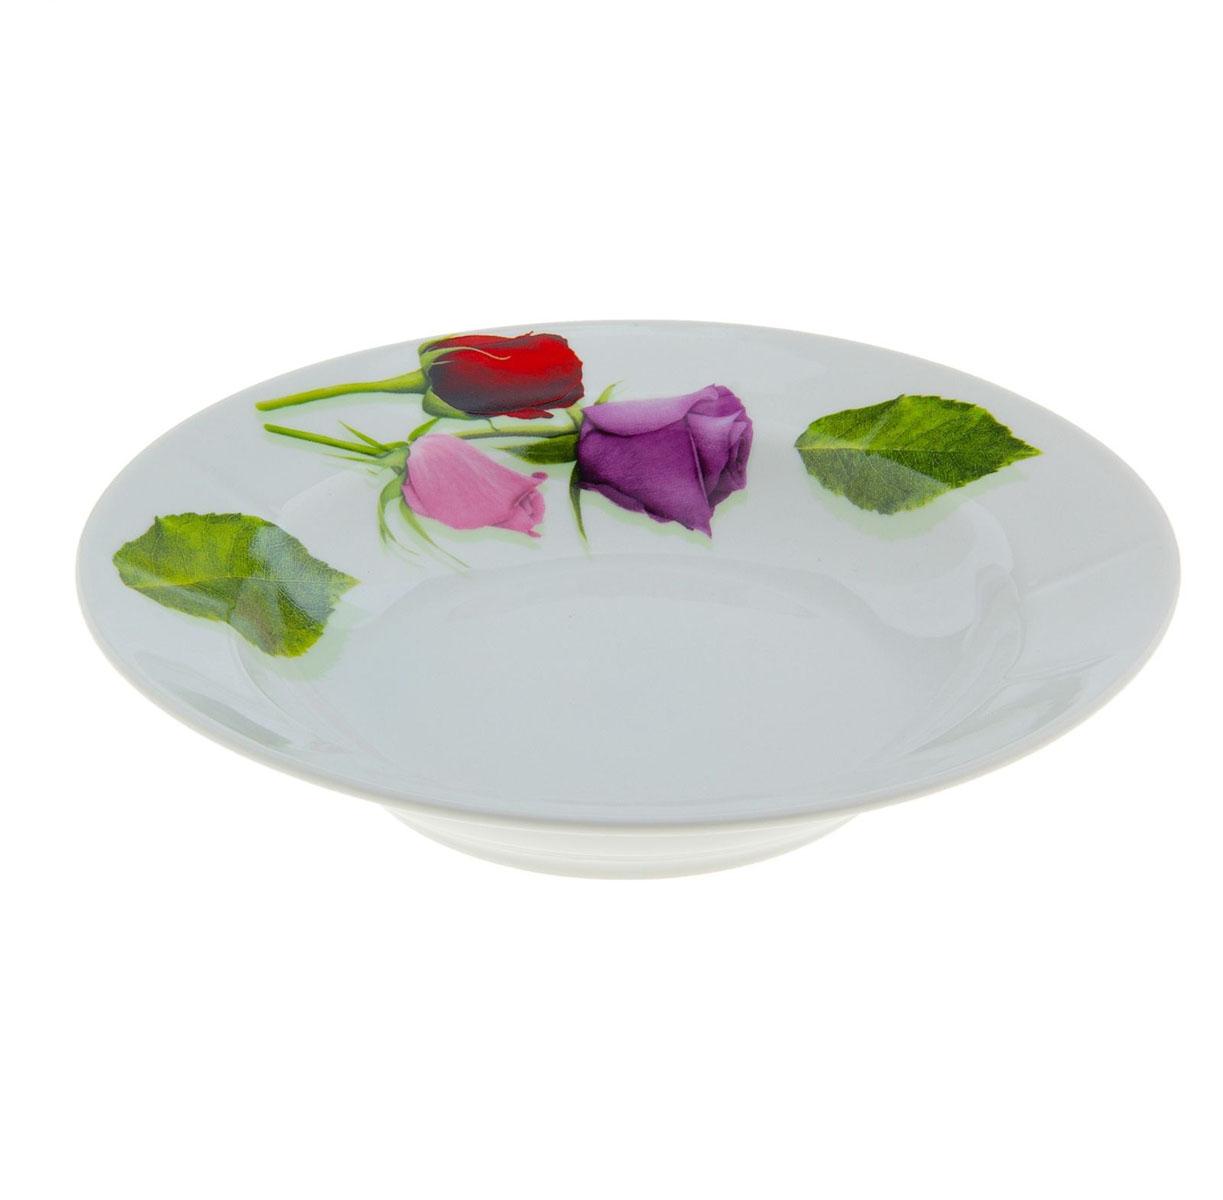 Тарелка глубокая Идиллия. Королева цветов, диаметр 20 см507764Глубокая тарелка Идиллия. Королева цветов выполнена из высококачественного фарфора и украшена ярким рисунком цветов. Она прекрасно впишется в интерьер вашей кухни и станет достойным дополнением к кухонному инвентарю. Тарелка Идиллия. Королева цветов подчеркнет прекрасный вкус хозяйки и станет отличным подарком. Диаметр тарелки: 20 см.